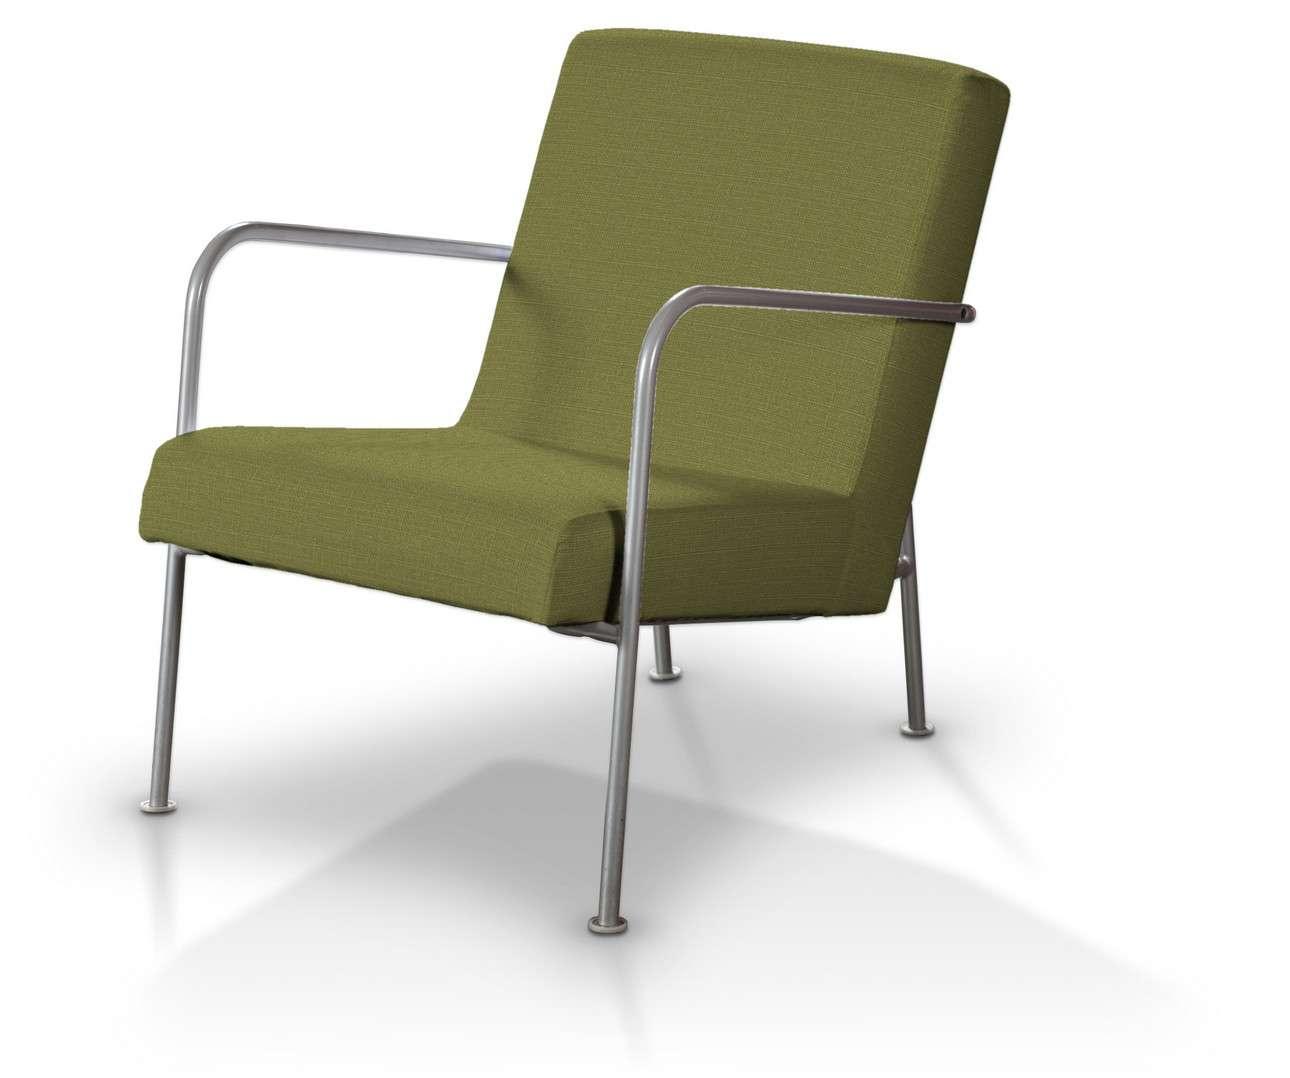 Huzat Ikea PS fotelhez a kollekcióból Living 2, Dekoranyag: 161-13